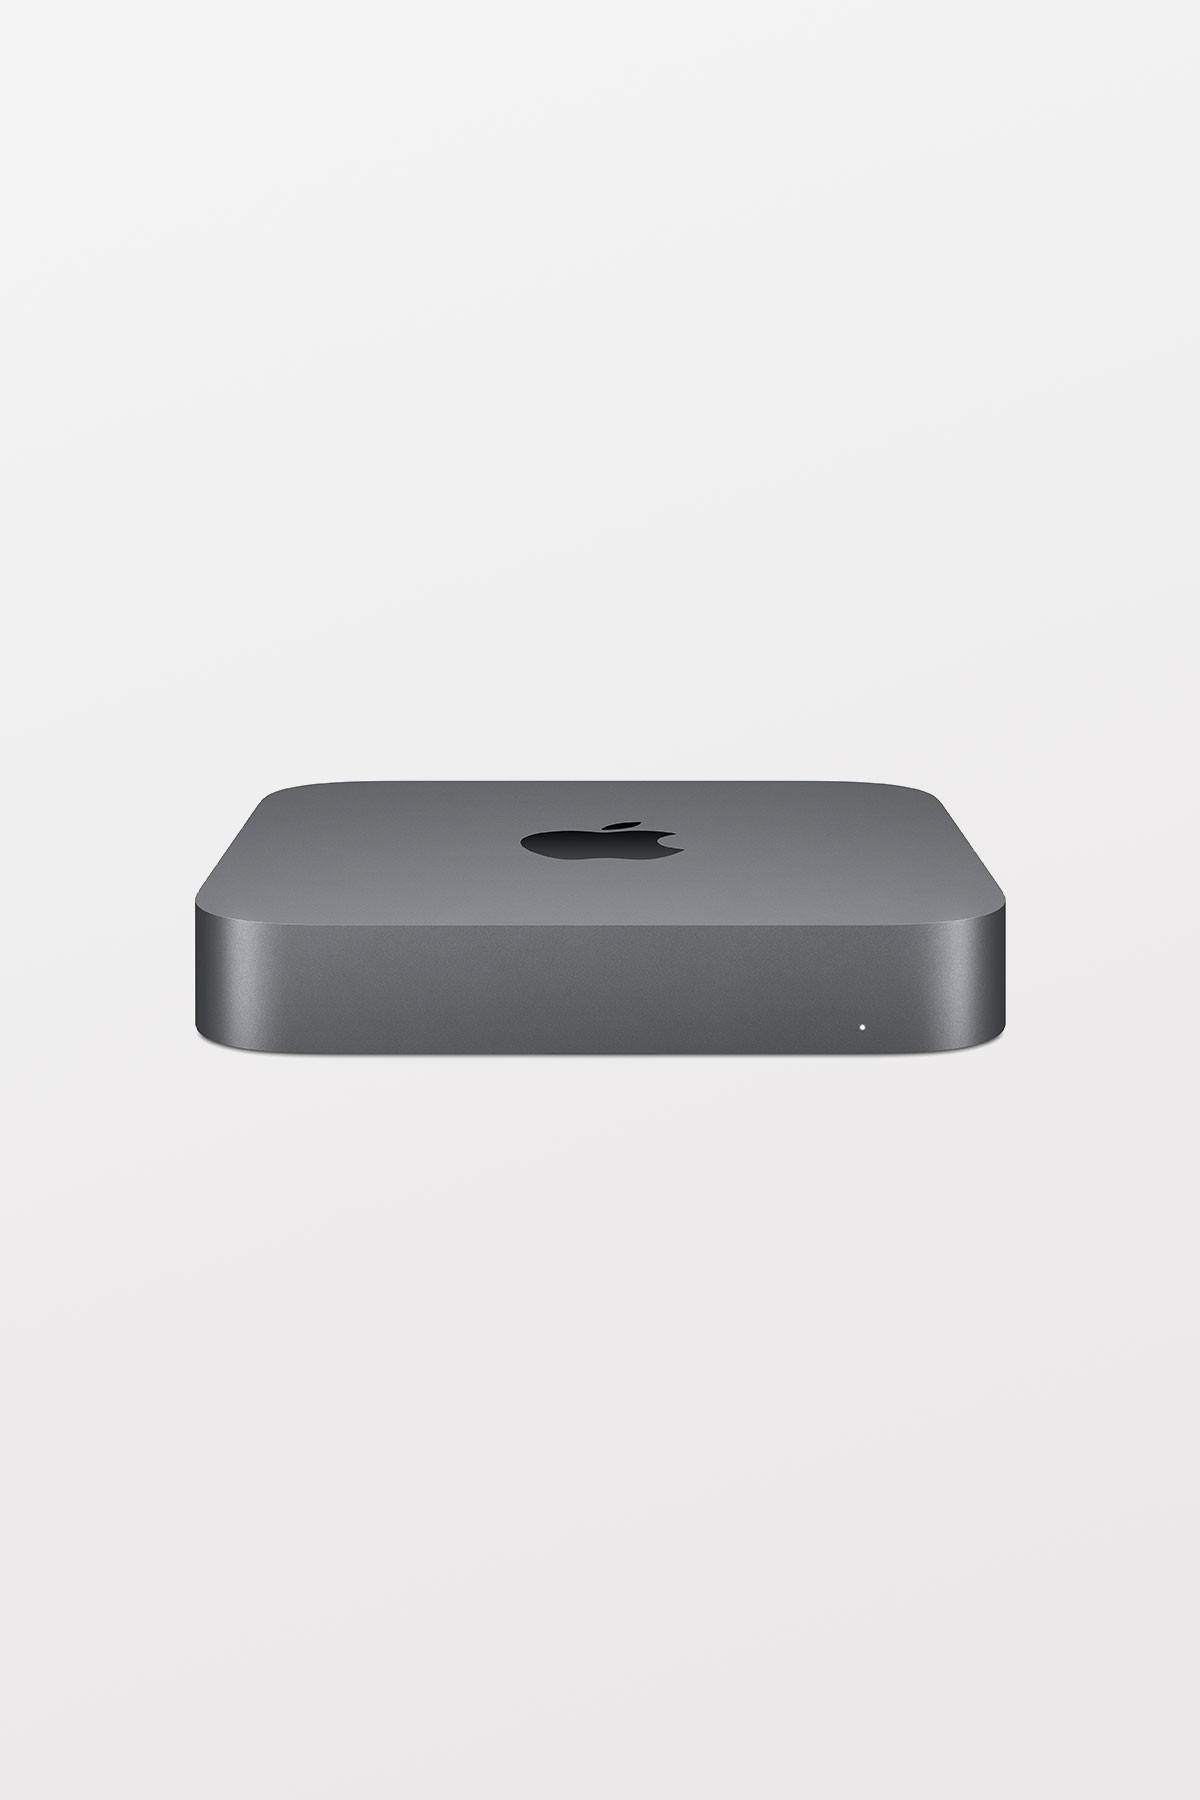 Apple Mac Mini: 3.6GHz quad-core Intel Core i3 processor, 8GB,128GB SSD